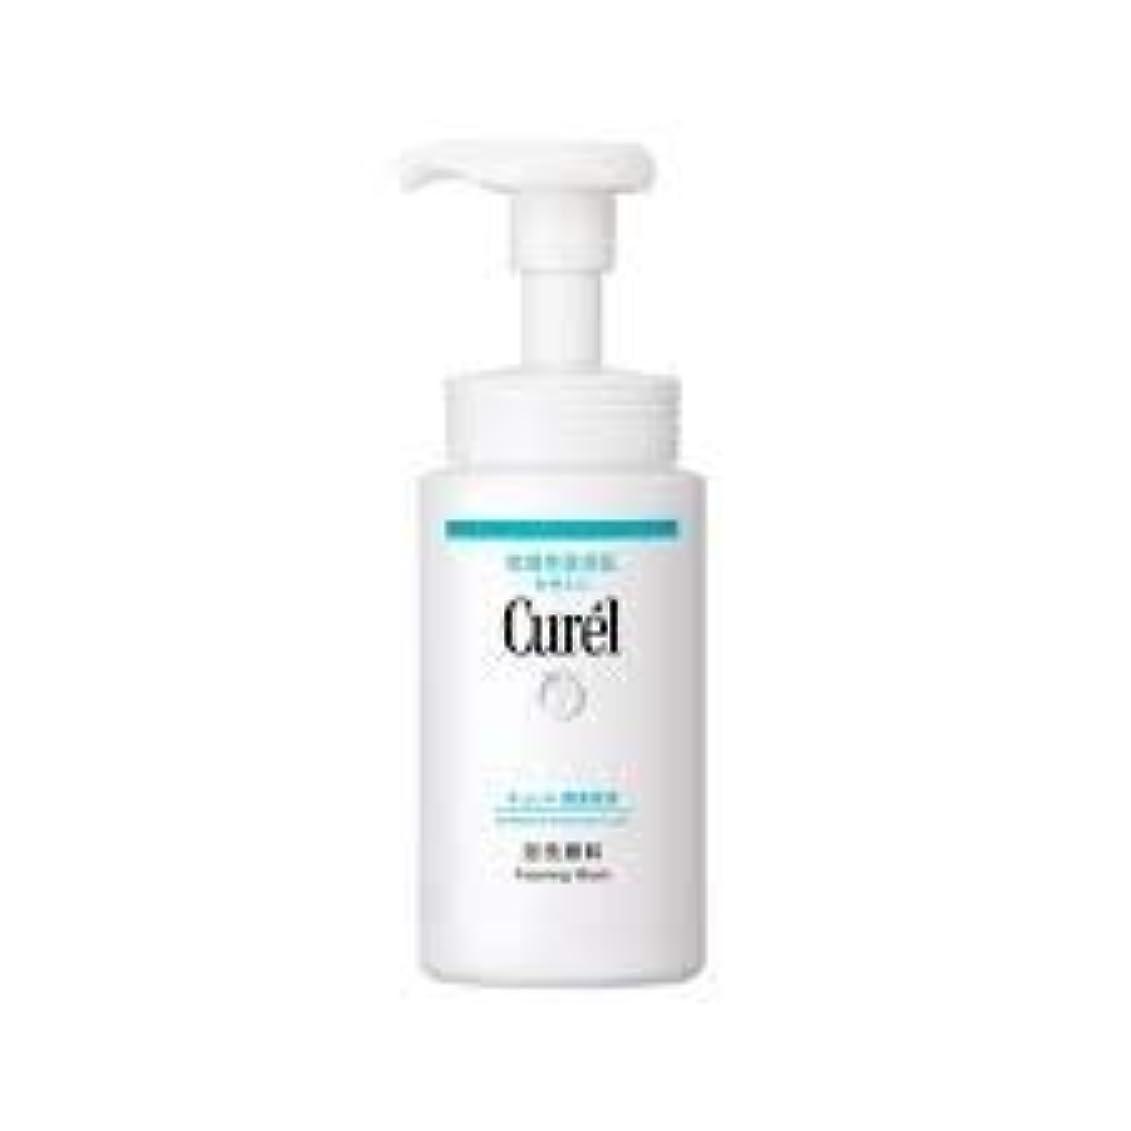 不足ラベンダー哲学者Curél キュレル集中治療保湿泡風呂ゲル150ミリリットル - セラミドの保護や食材を清掃含まれ、皮膚に圧力を最小限にします